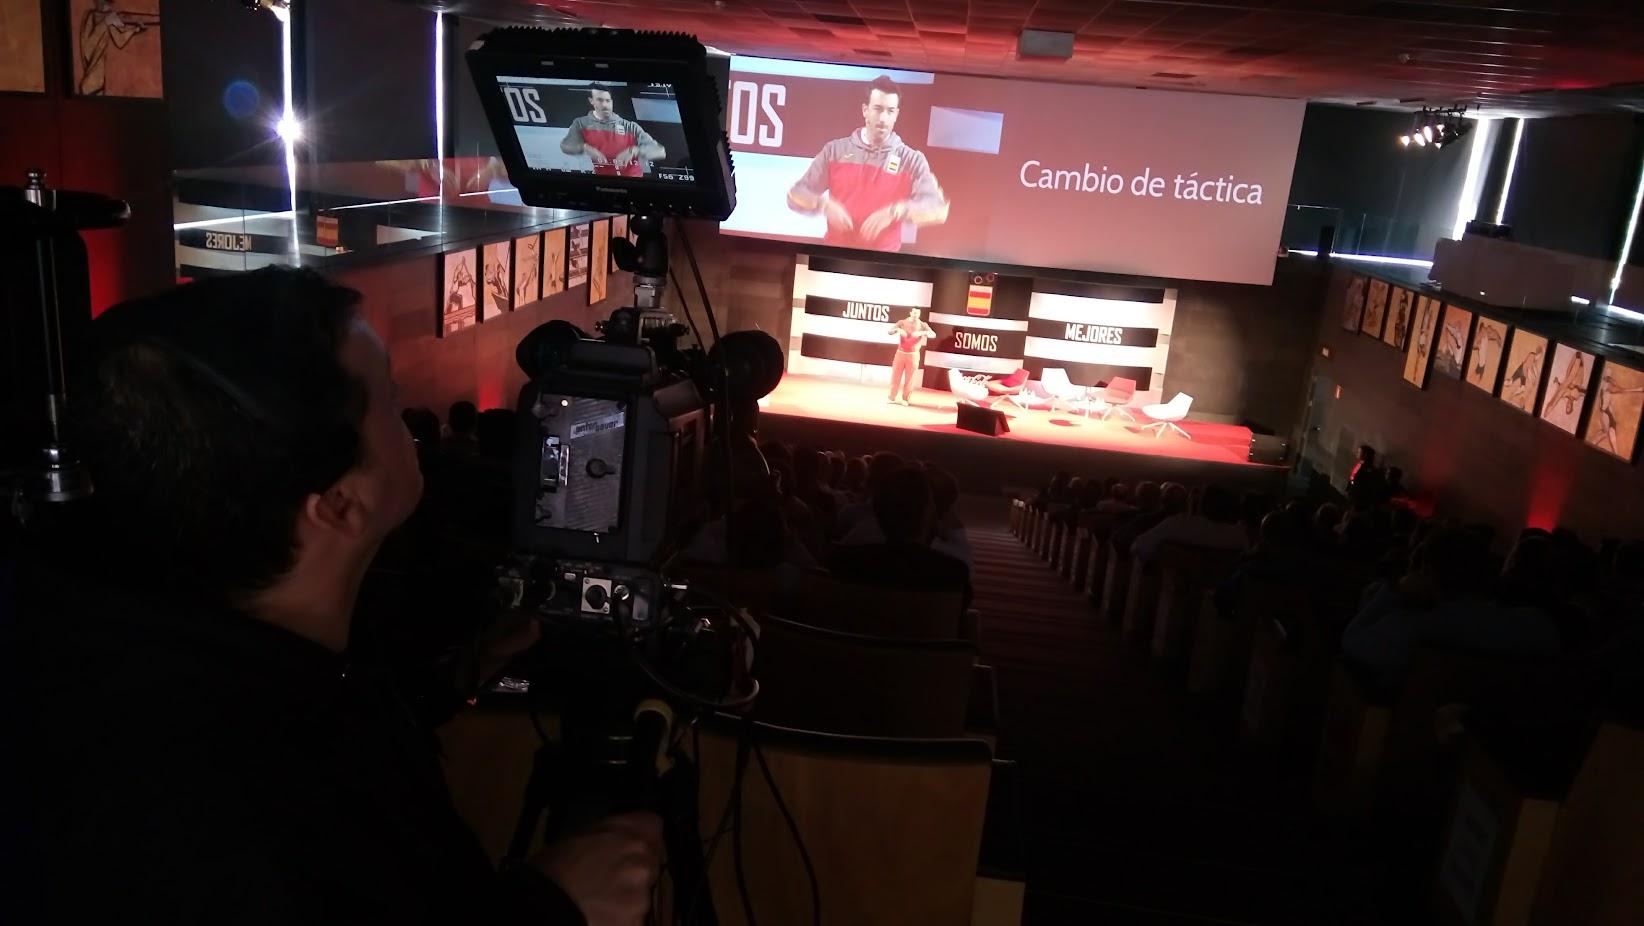 Conferencia de José Luis Abajo Pirri en Madrid COI Coca-cola 2017